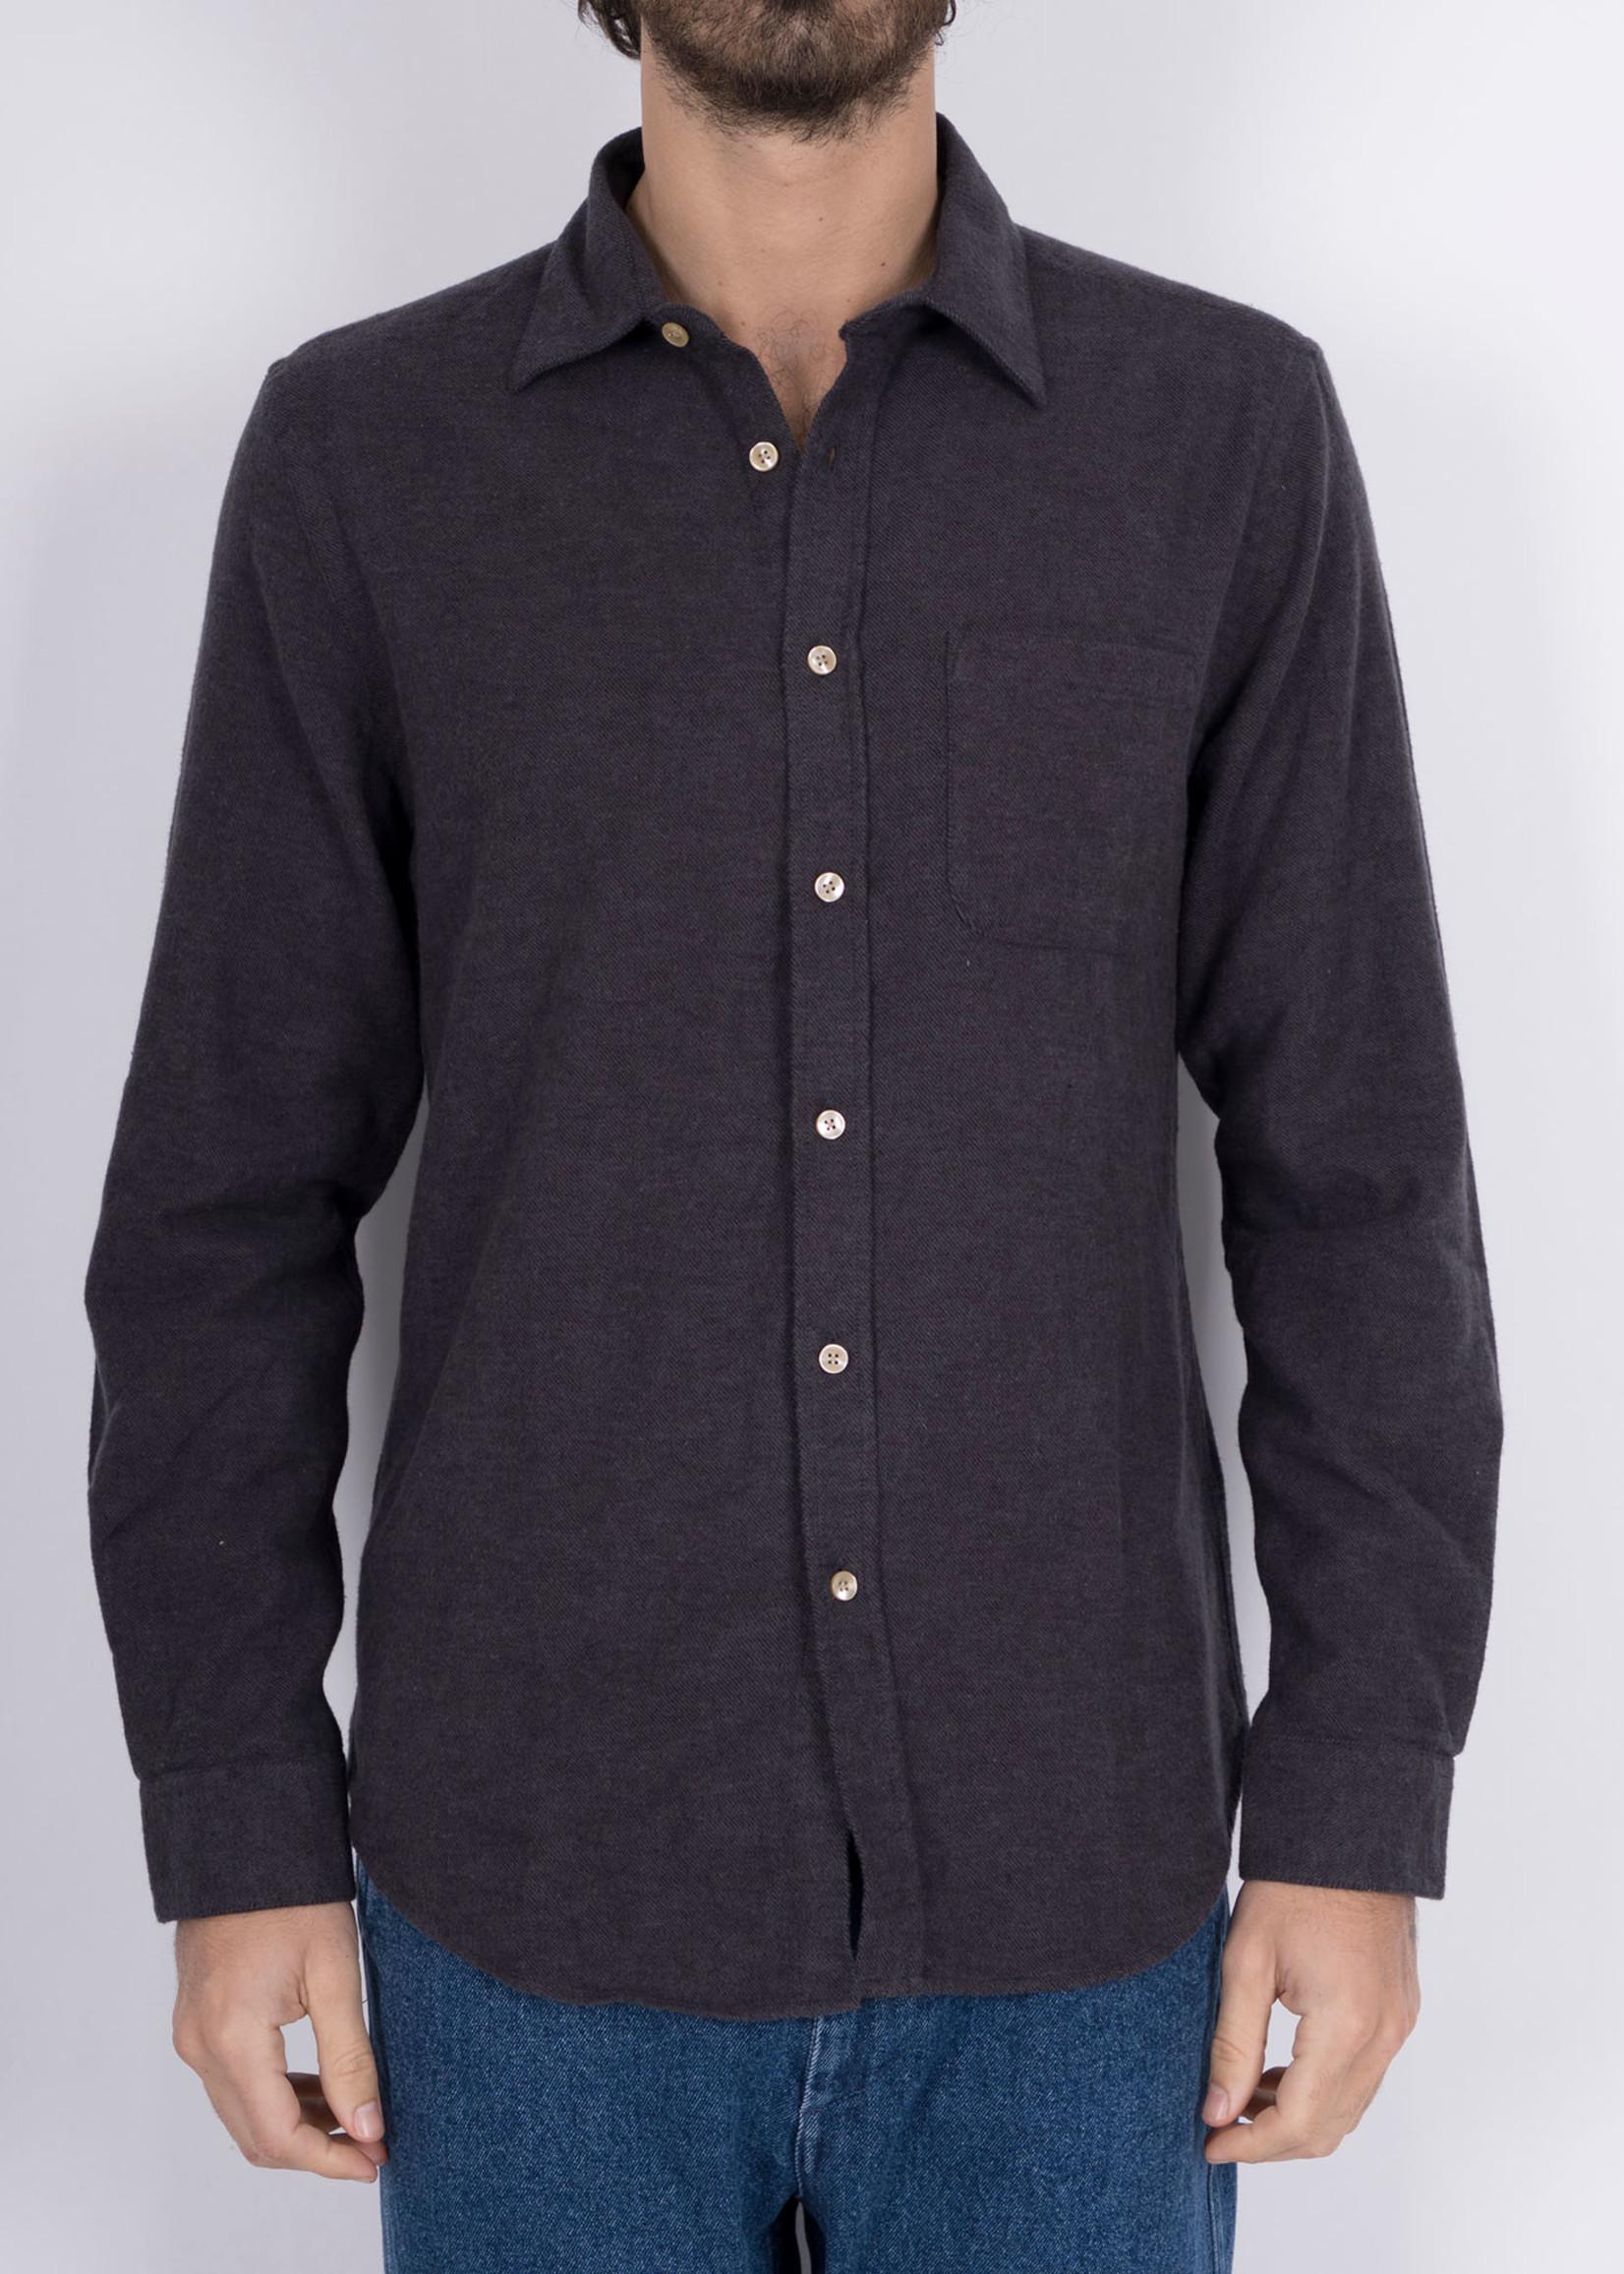 Portuguese Flannel Portuguese Flannel Teca Graphite Cotton Flannel Sport Shirt